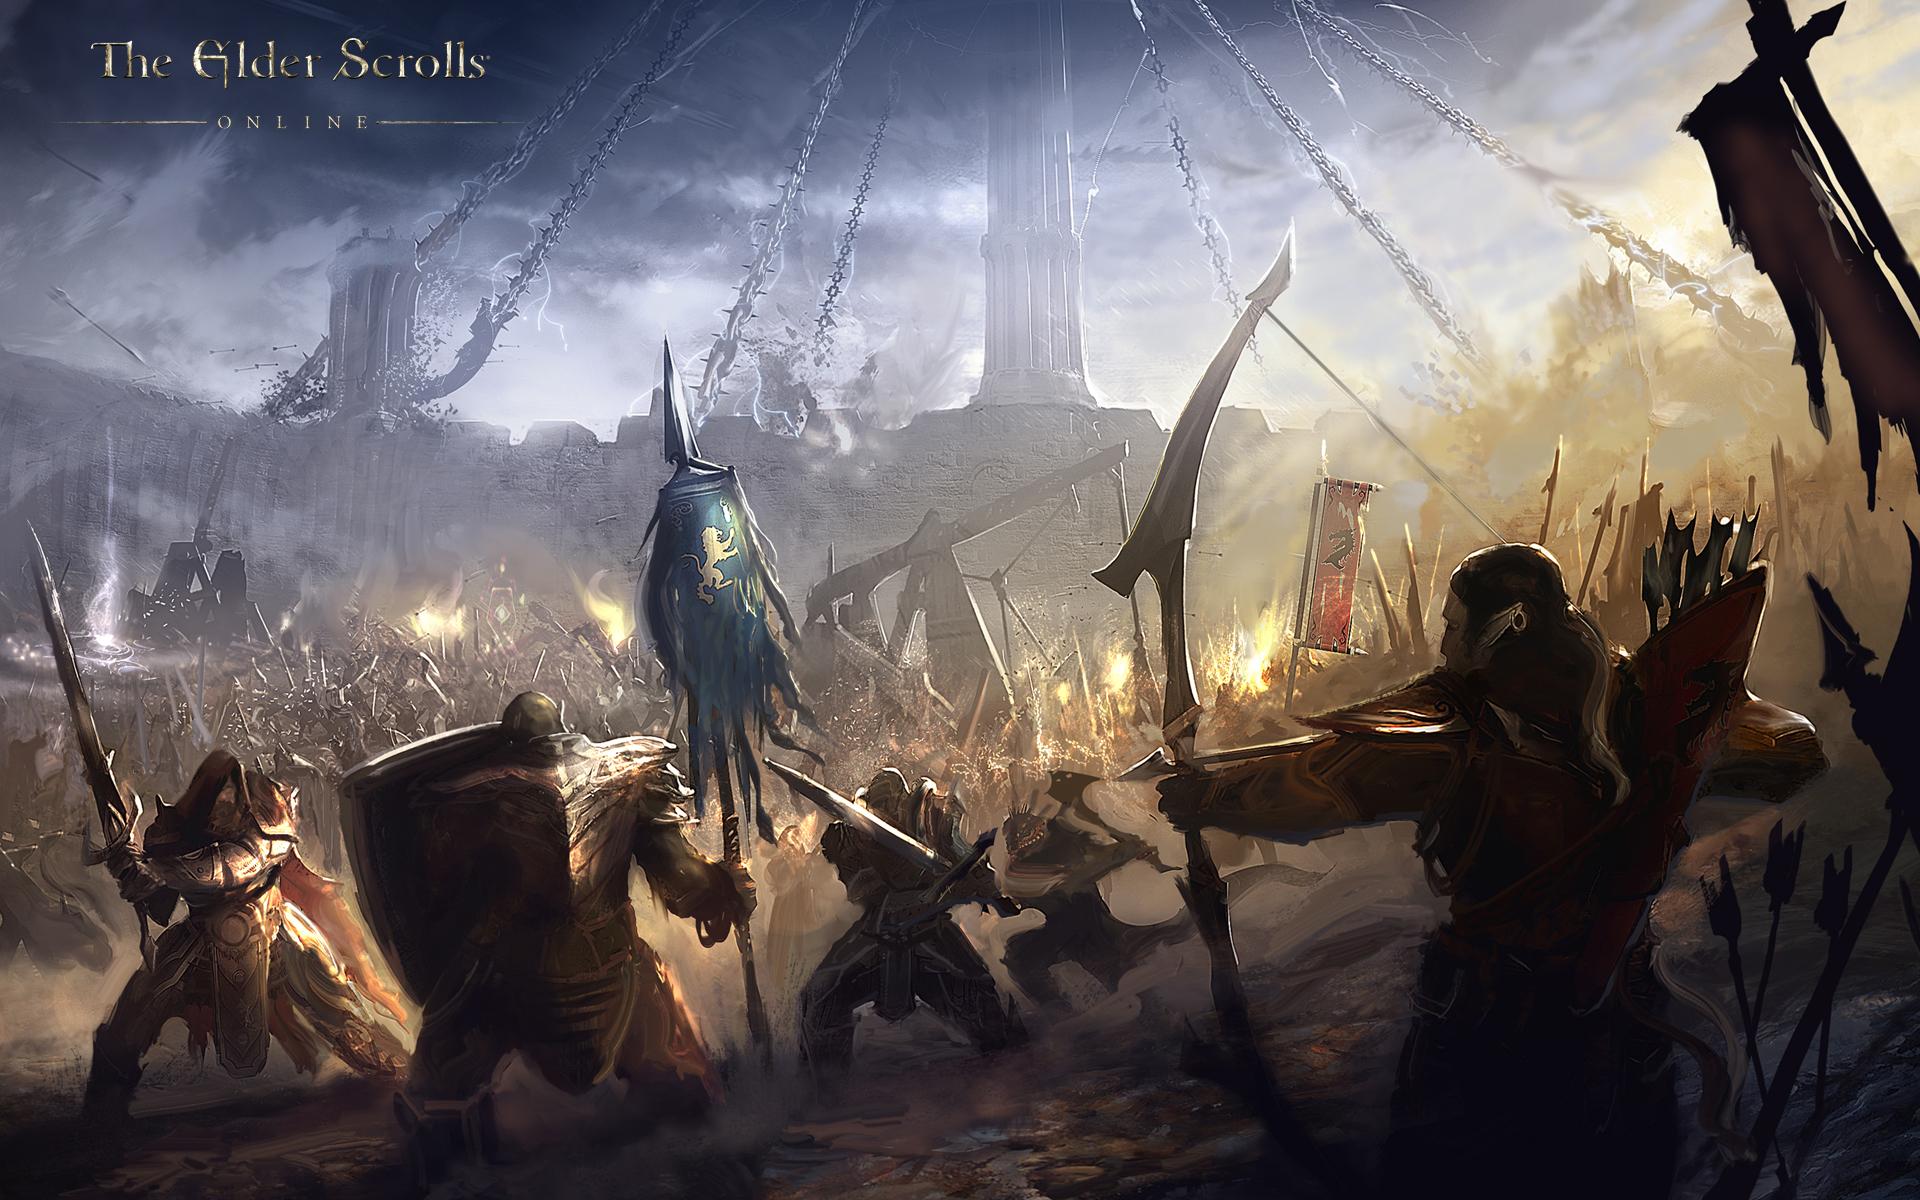 The Elder Scrolls Online - Wallpaper | www ...